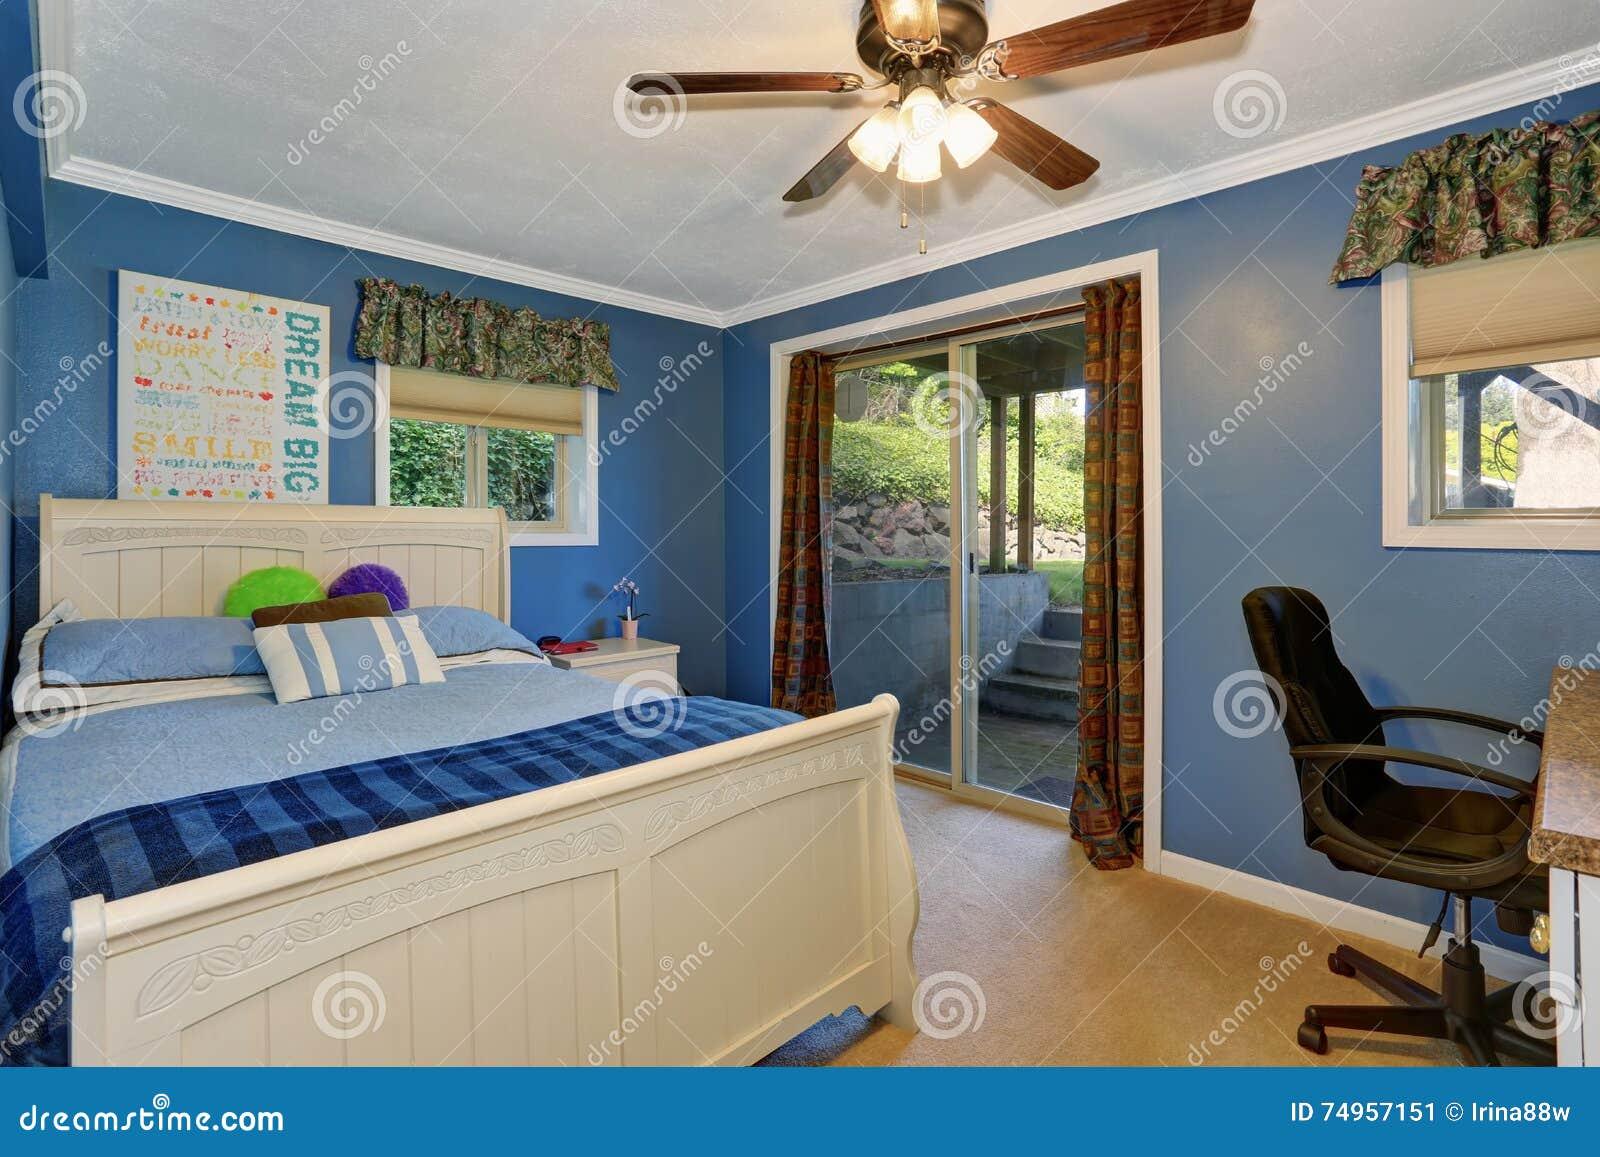 Camera Da Letto In Legno Bianco : Camere da letto in mansarda mansarda